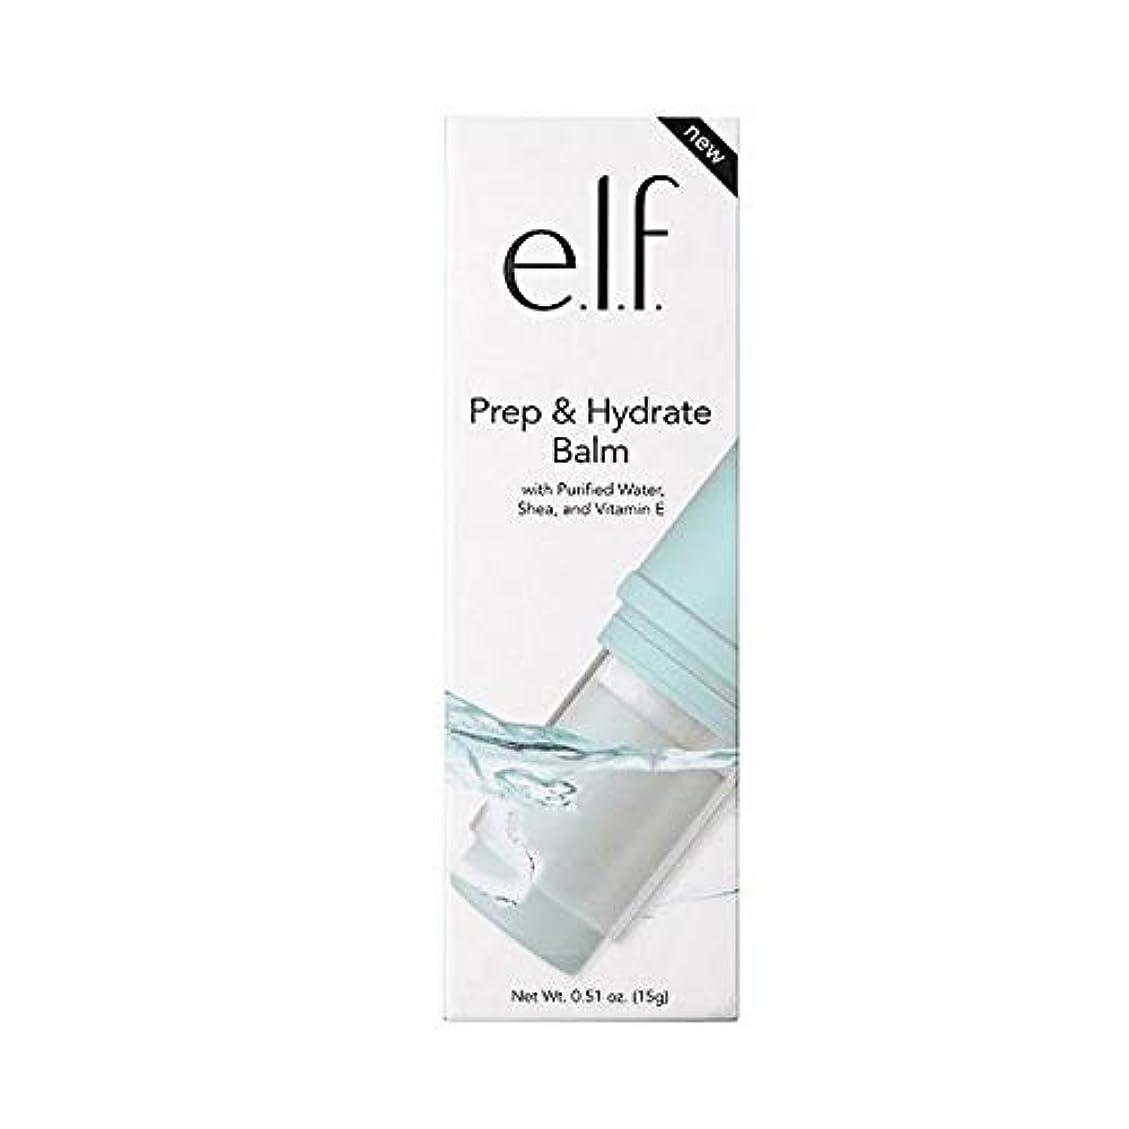 できない欠席紳士[Elf ] エルフ。予備校&ハイドレートクリーム - e.l.f. Prep & Hydrate Balm [並行輸入品]